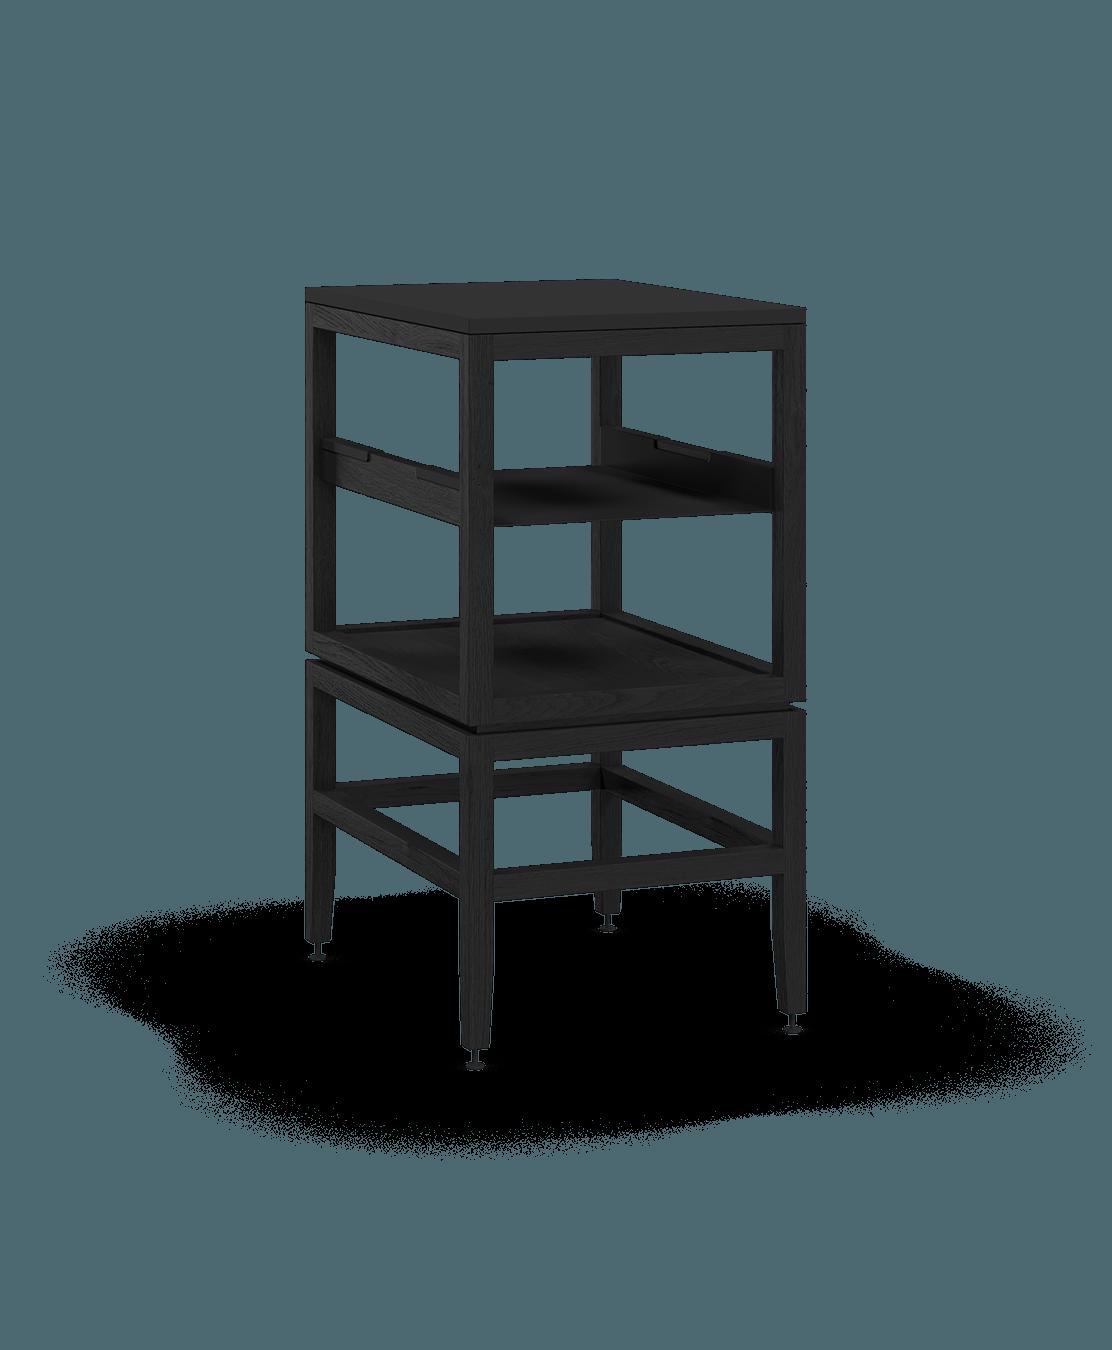 armoire ouverte modulaire de rangement en bois massif coquo volitare avec cube 1 tablette chêne teint noir nuit profonde 18 pouces C2-N-1824-0012-BK